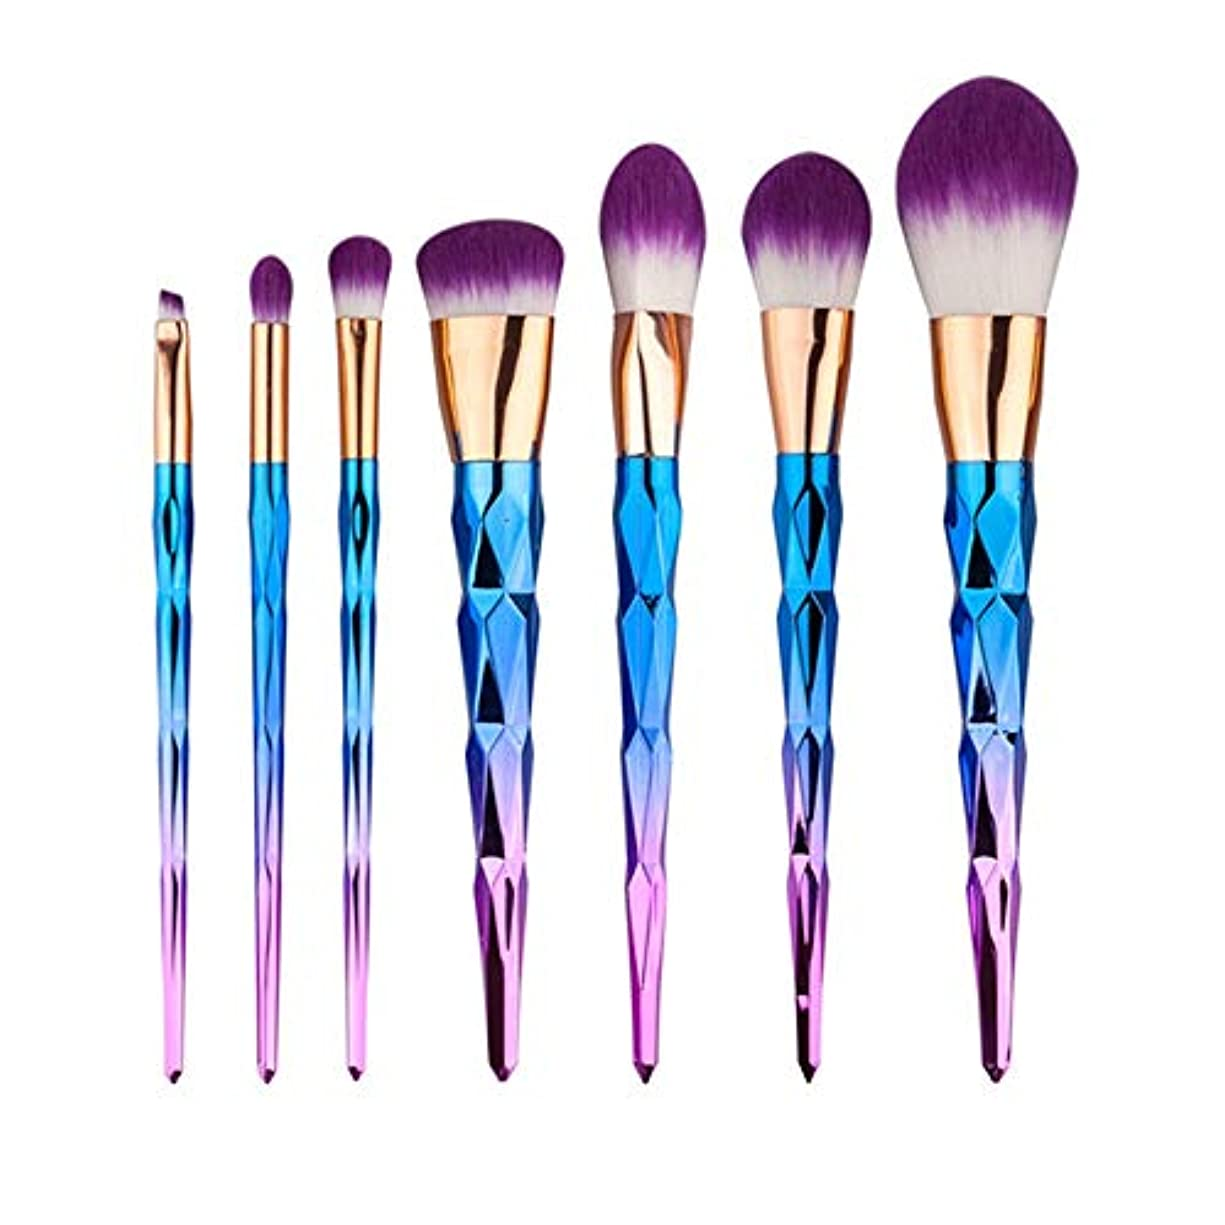 罪悪感僕の充電Makeup brushes 7.グラデーションダイヤモンドドリルブラシセットユニコーンの美しさとメイクアップツール suits (Color : Rainbow)